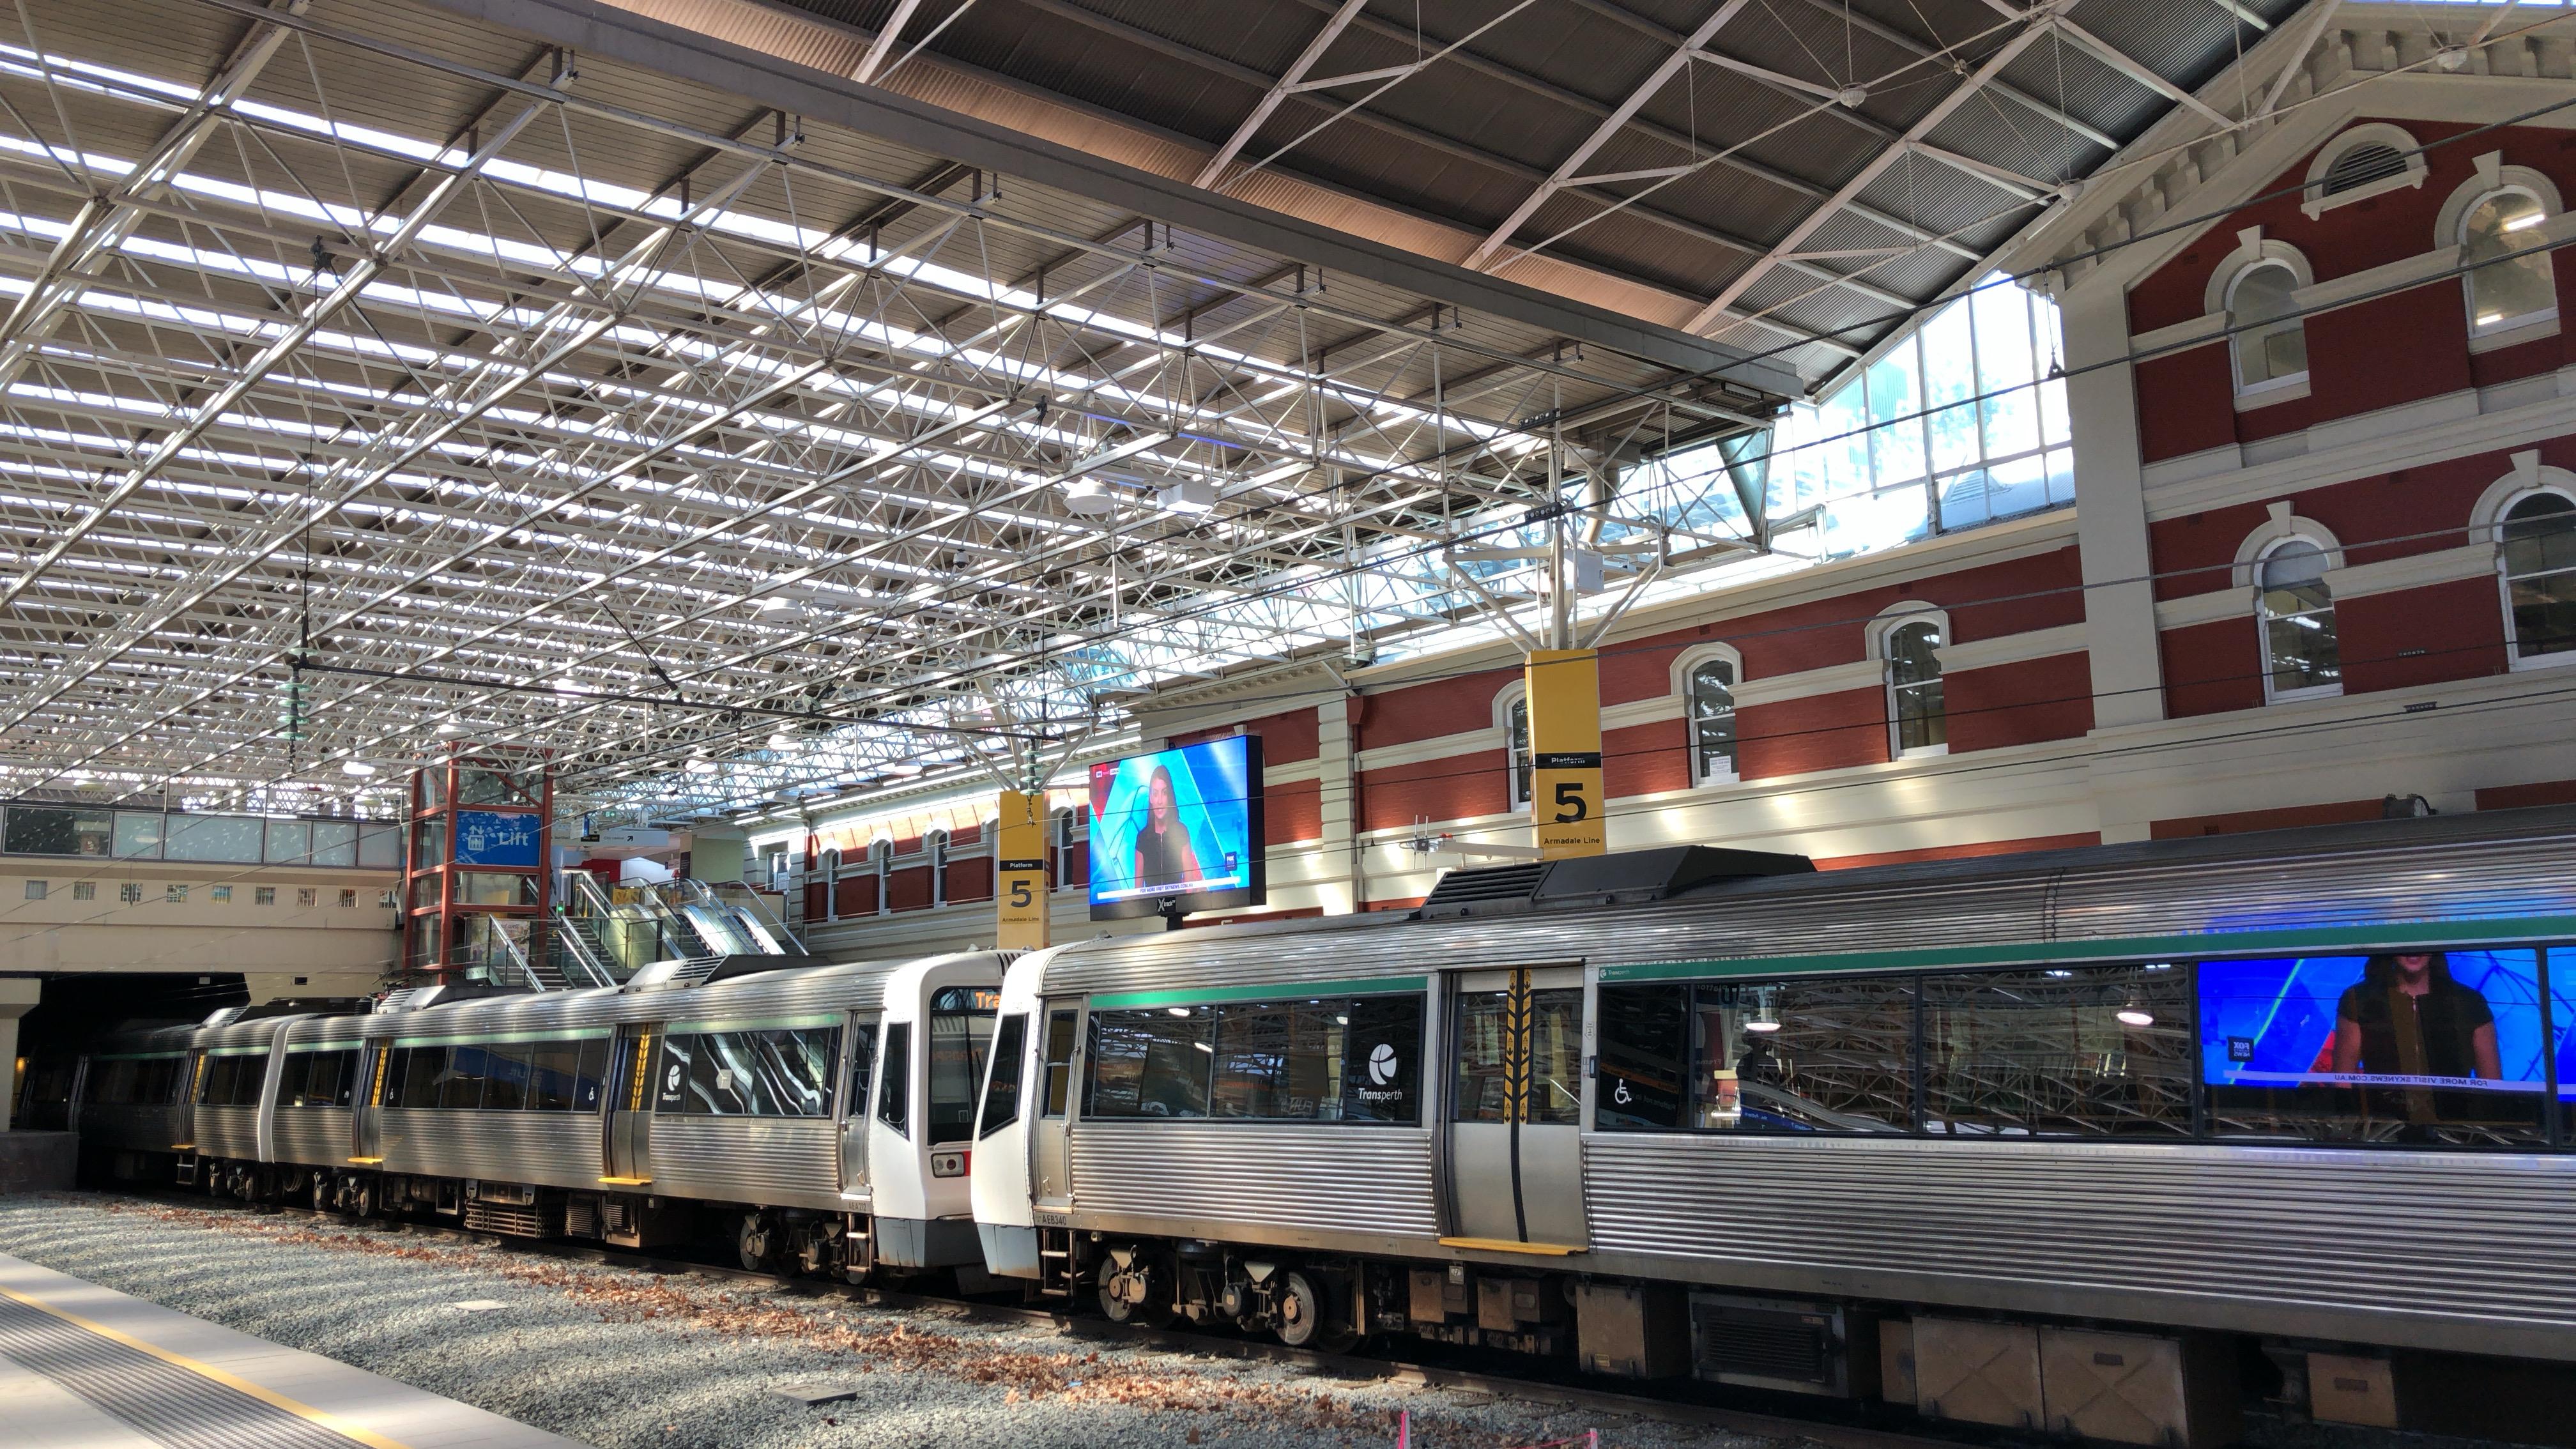 オーストラリア,一人旅,パース,電車,フリーマントル